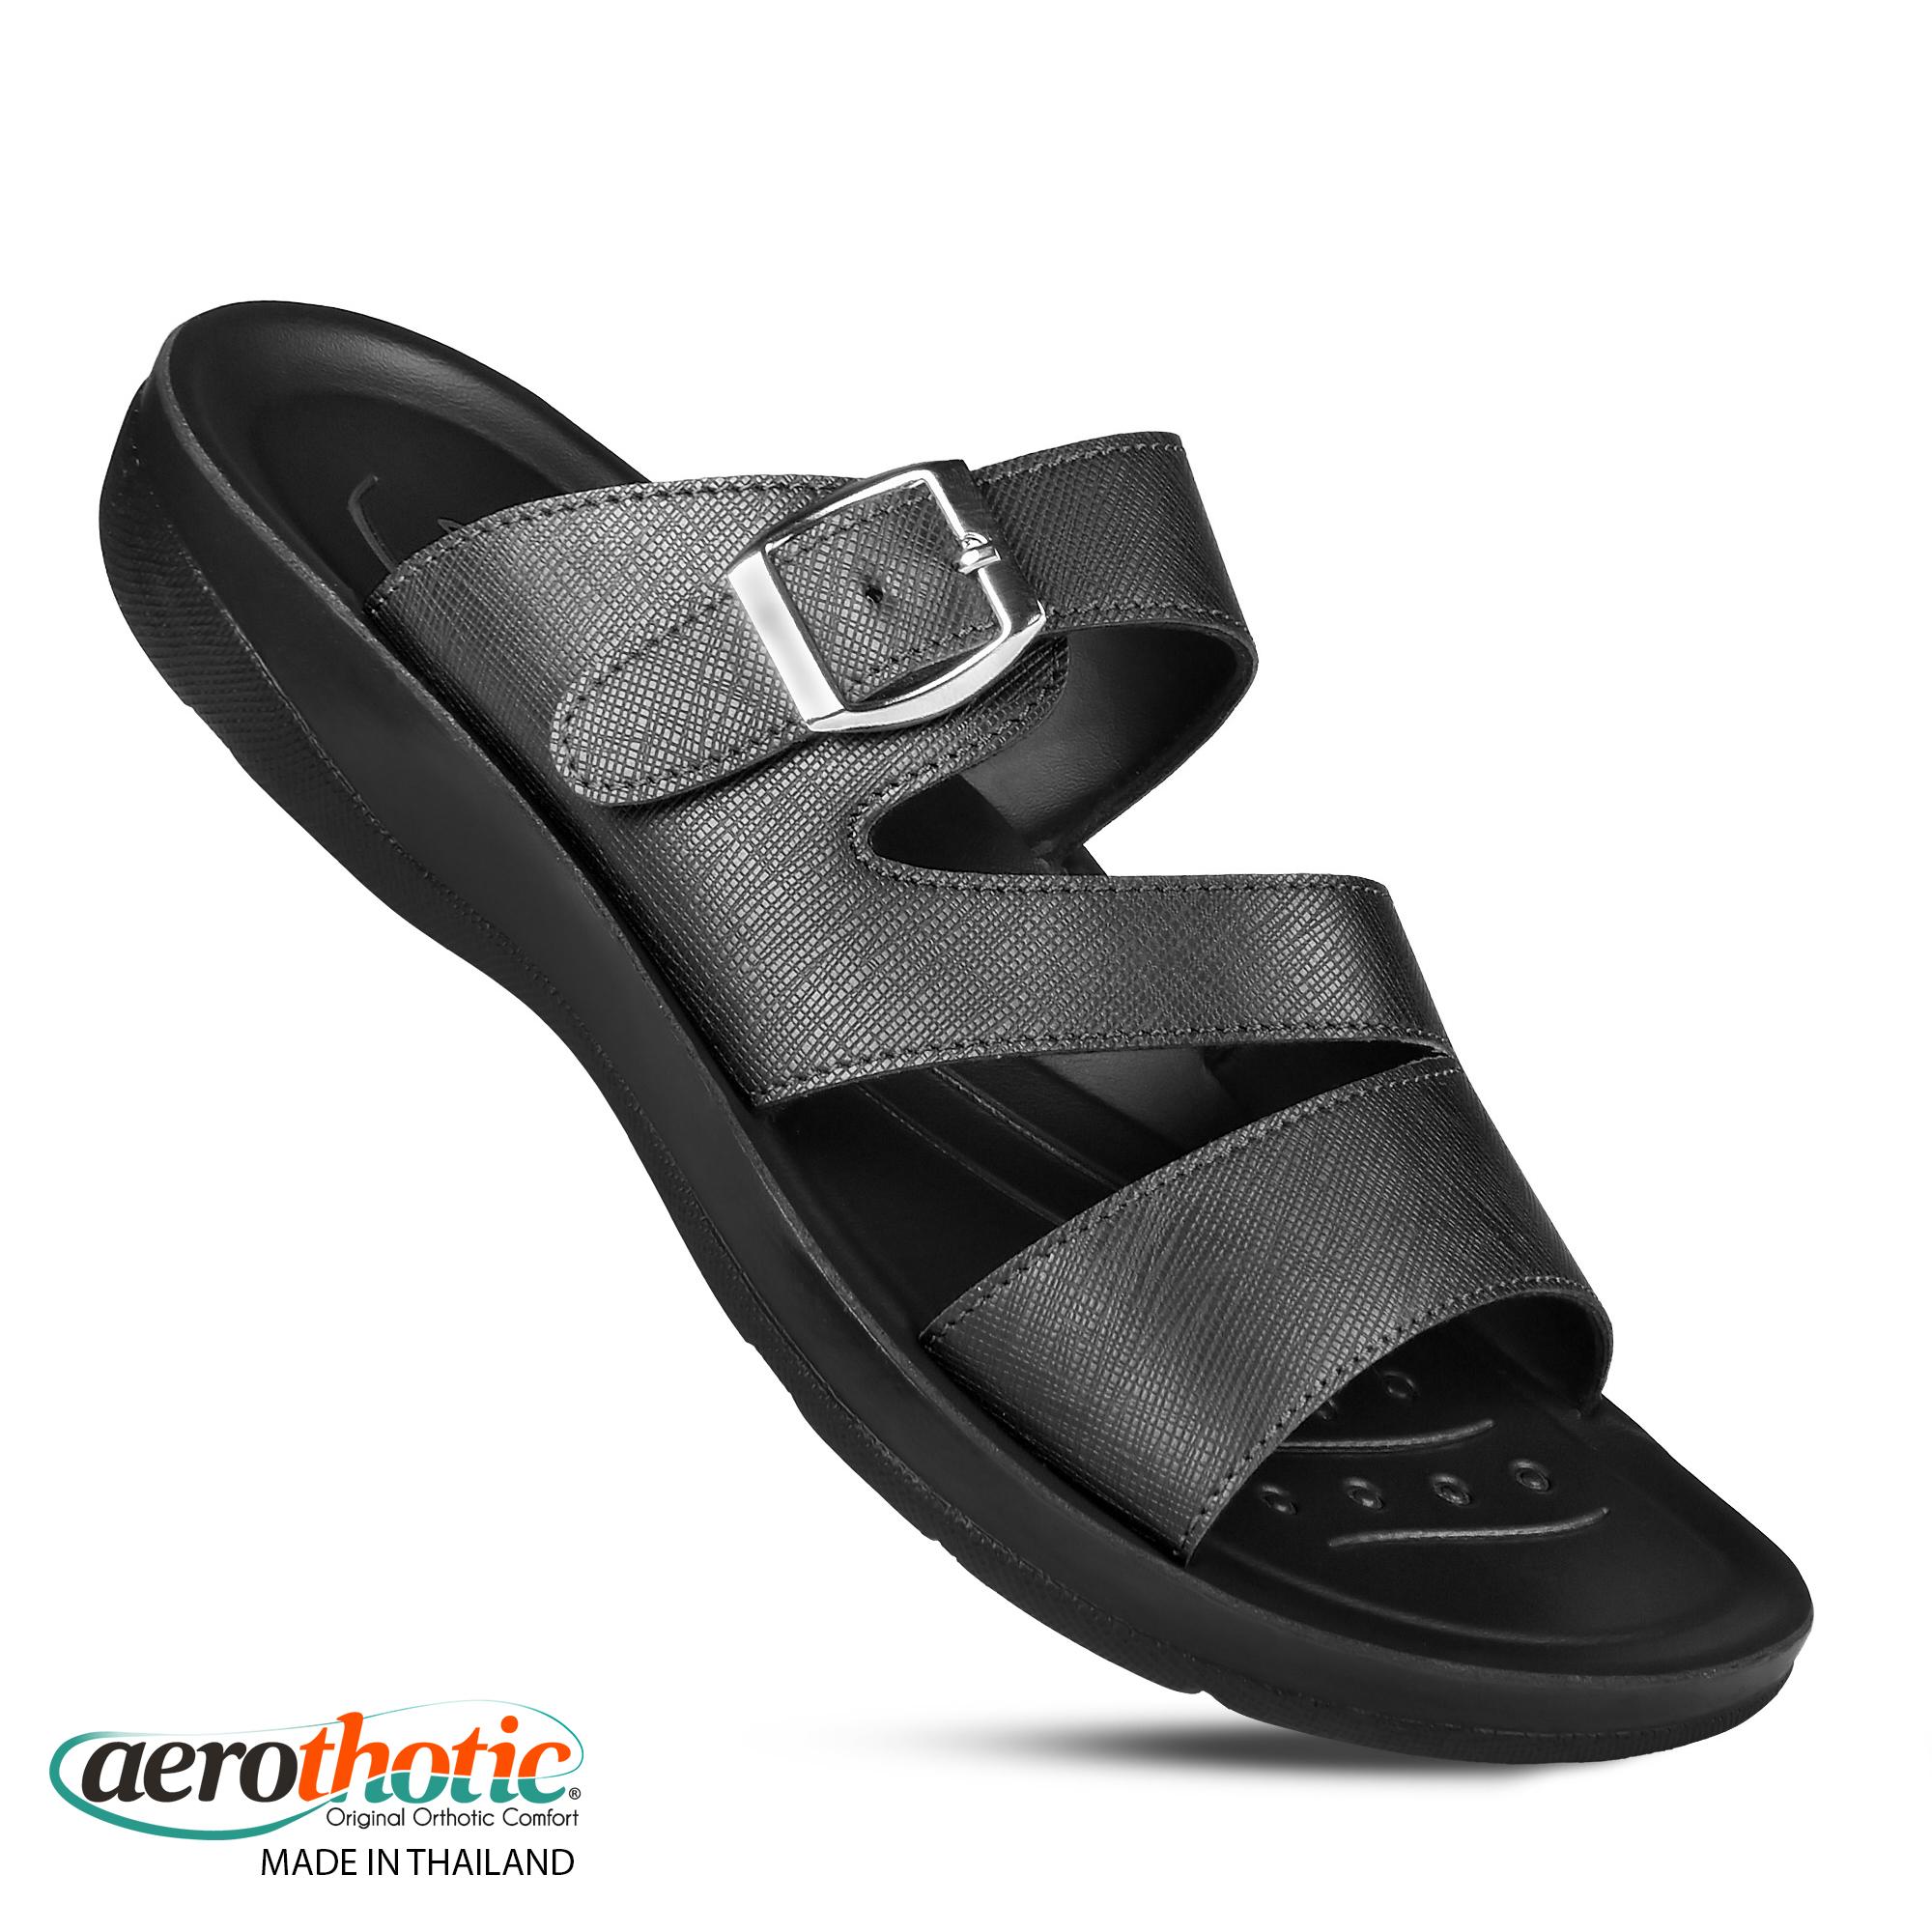 AEROTHOTIC Ladies Comfortable Fashion Sandals - Original Thailand Imported - L0407